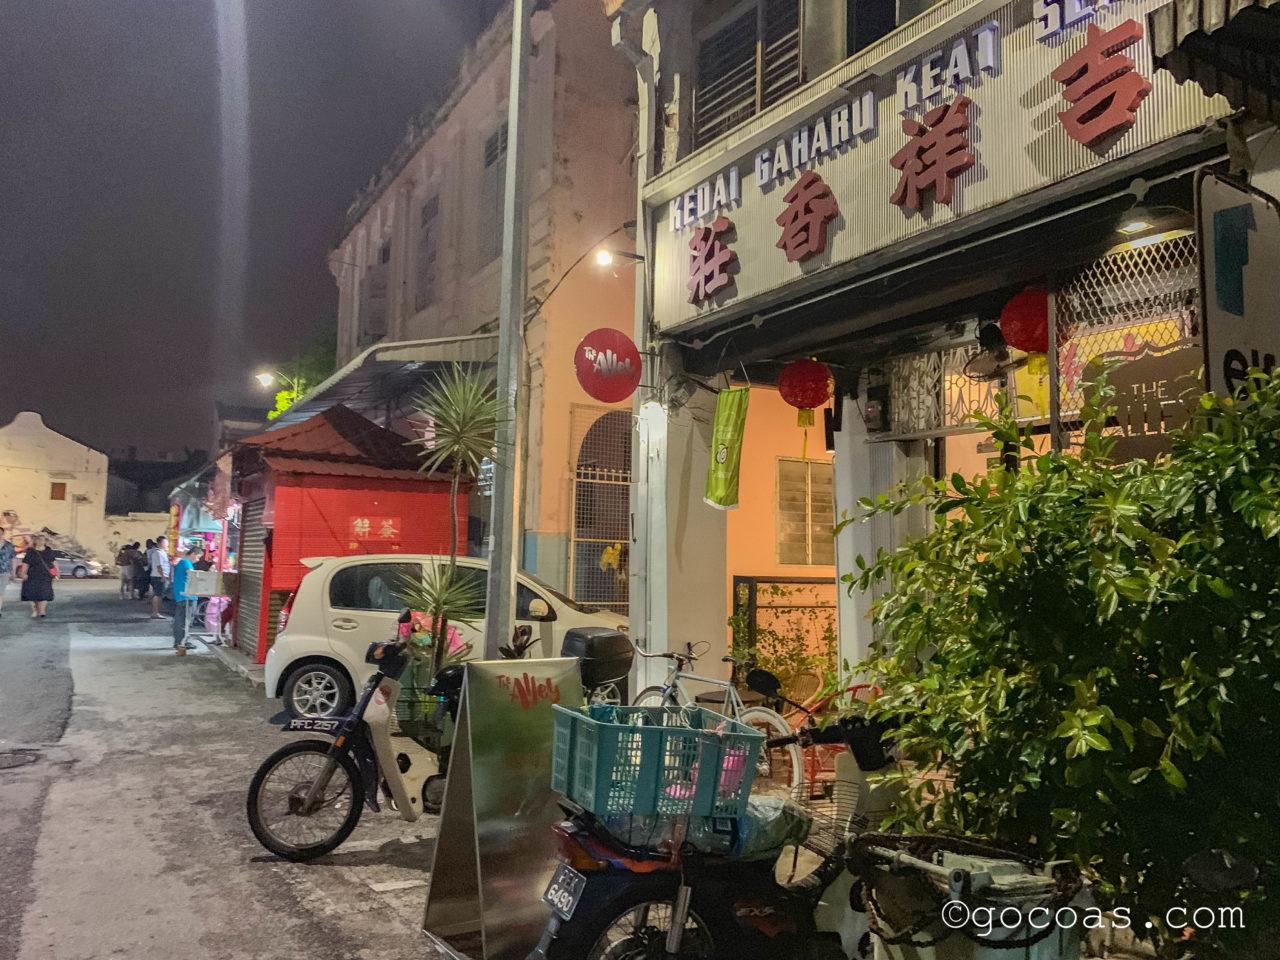 ペナン島の夜の街中にあった中華店